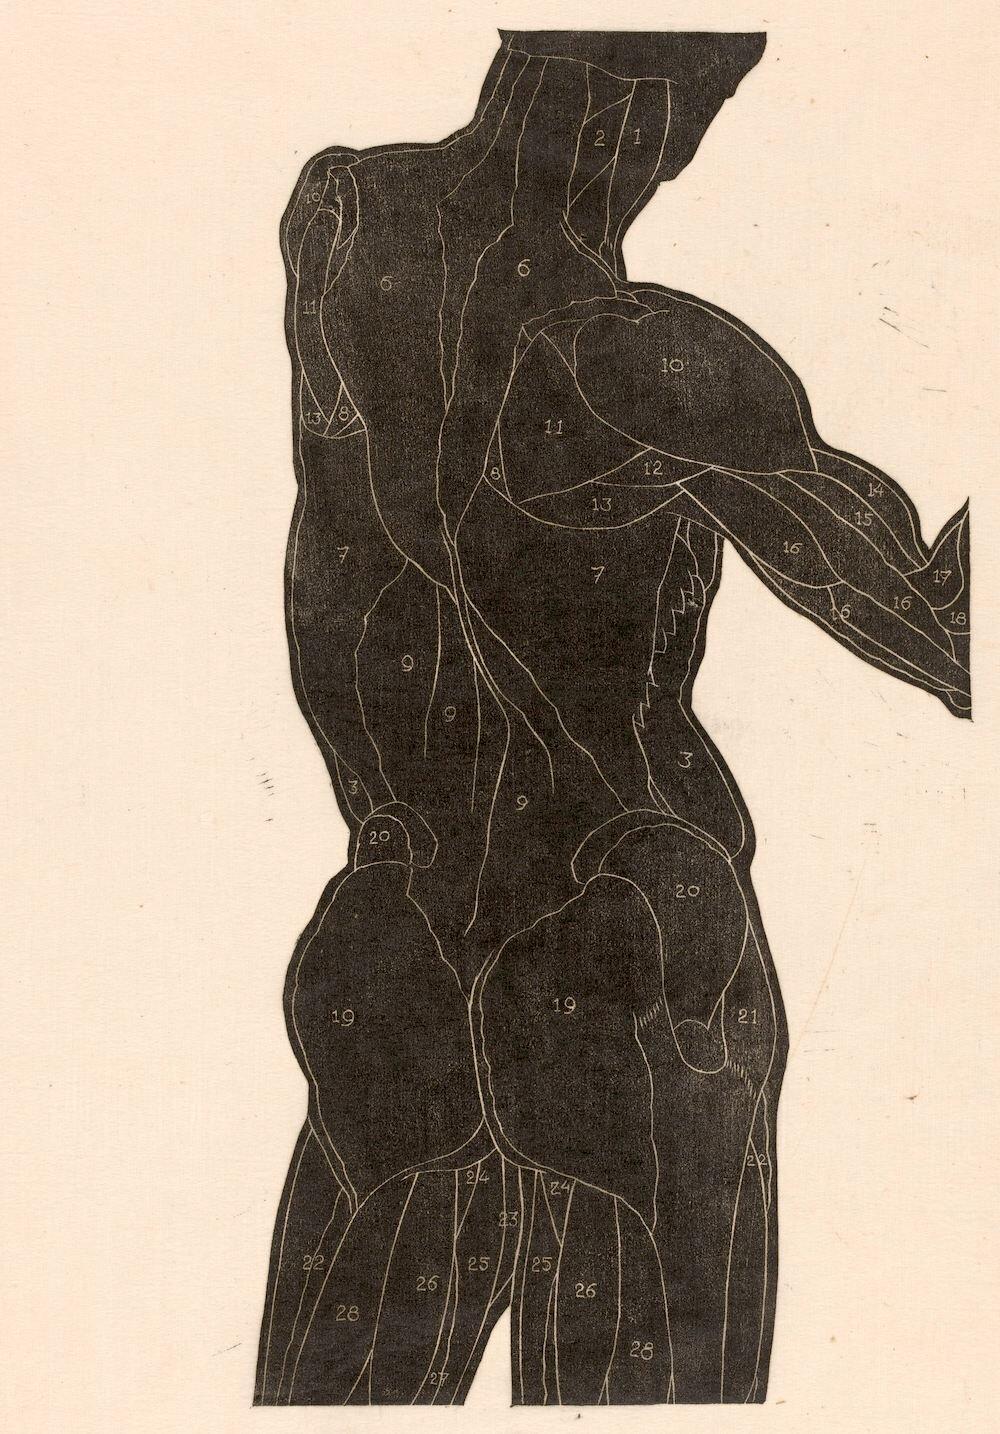 Above: NOT a guy from my gym.  Image:  Anatomische studie van de rug- en bilspieren van een man in silhouet, Reijer Stolk, 1906 - 1945 , Rijksmuseum. Used with permission.